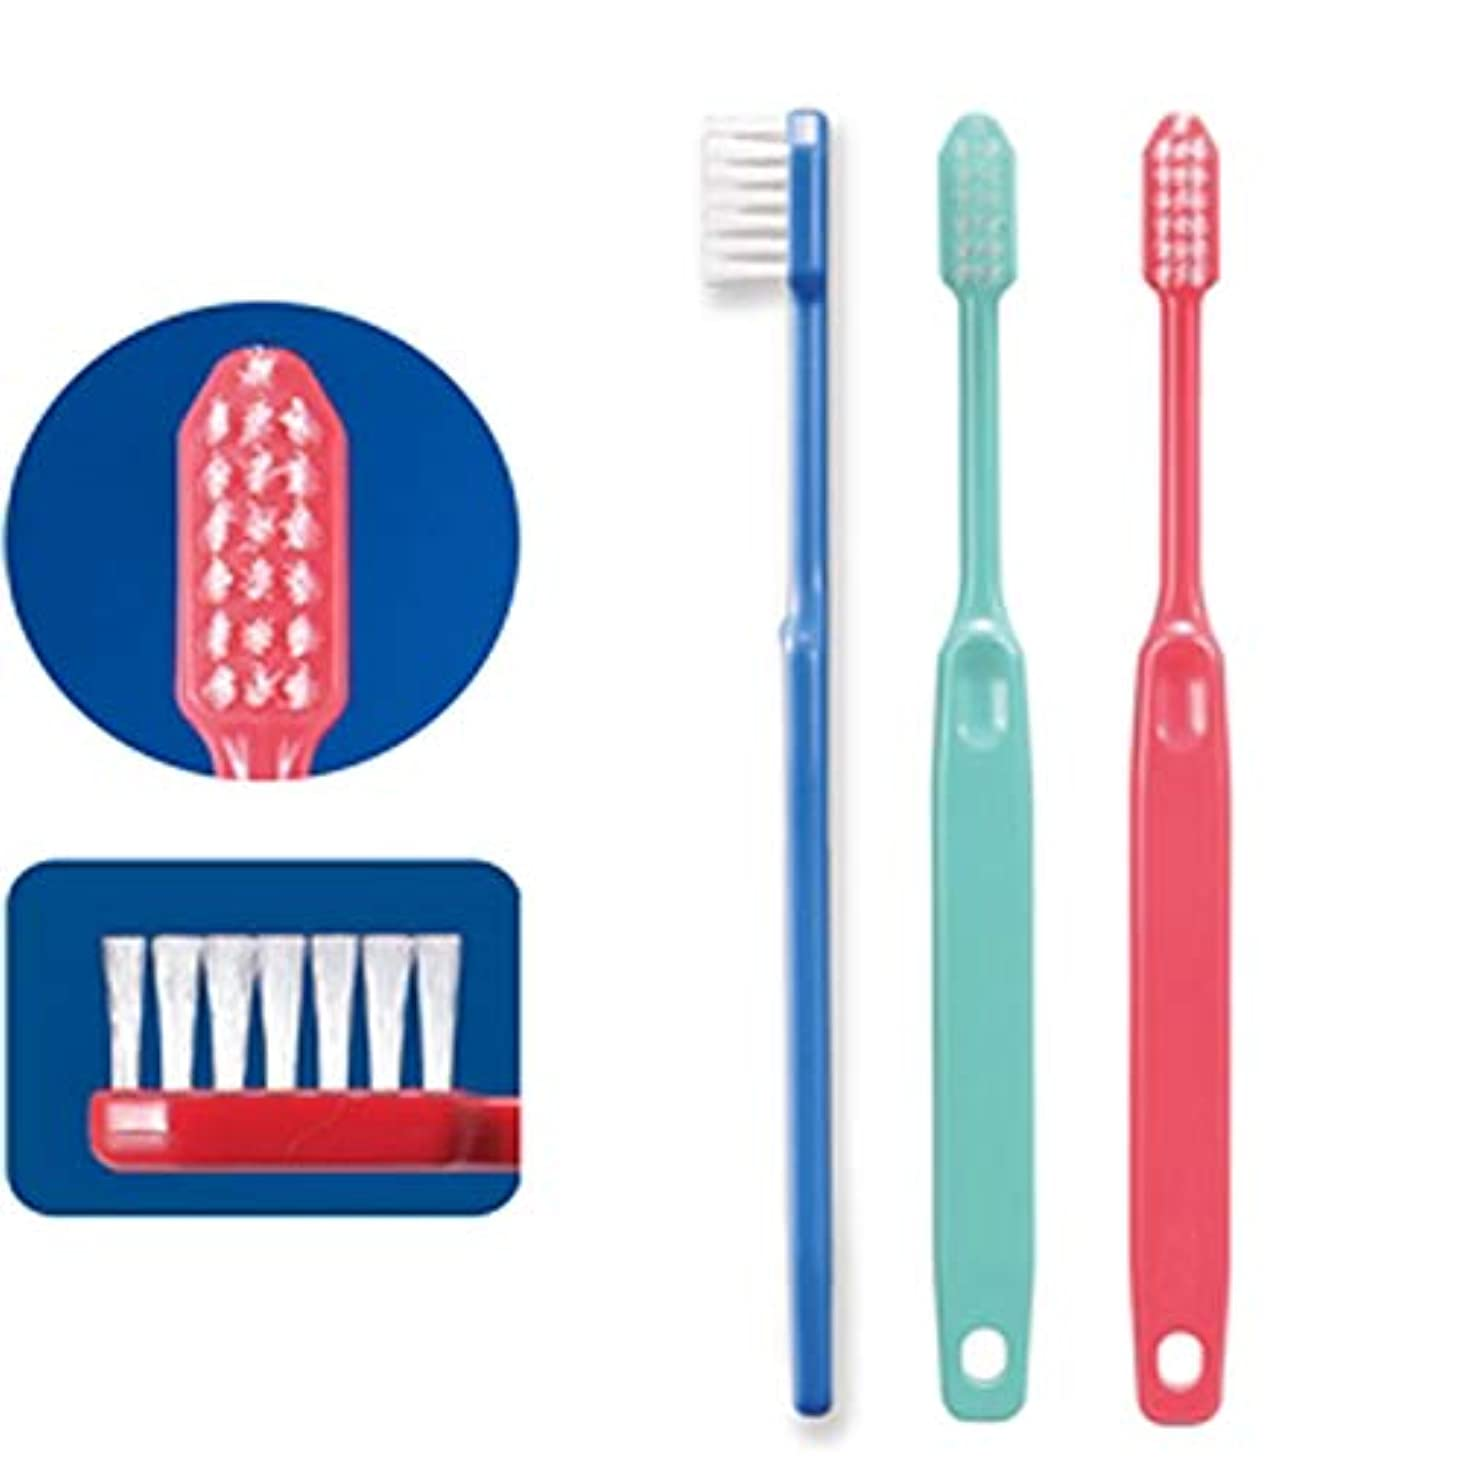 世界的に正しく発火するCi23(やややわらかめ)(疎毛タイプ)コンパクトヘッド歯ブラシ×10本 歯科専用